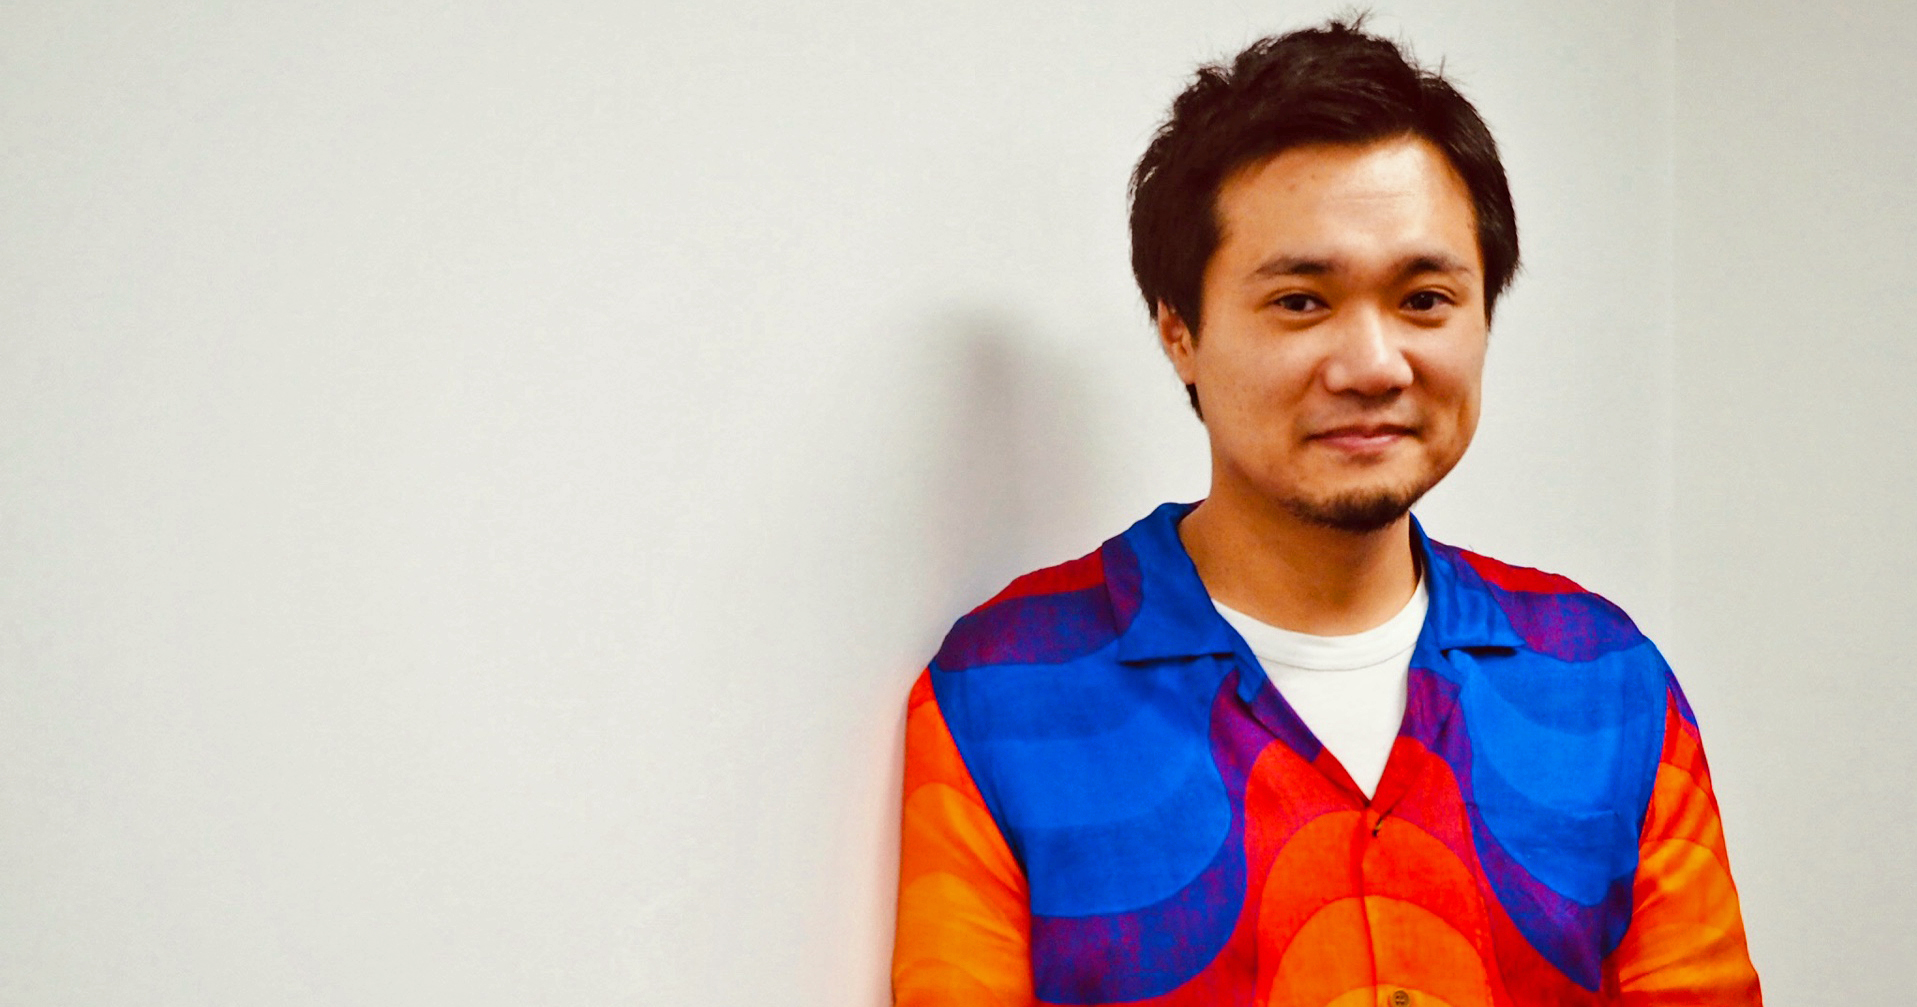 1日で3.6億円ばら撒いた起業家、バンク・光本勇介が狙う「次の実験」